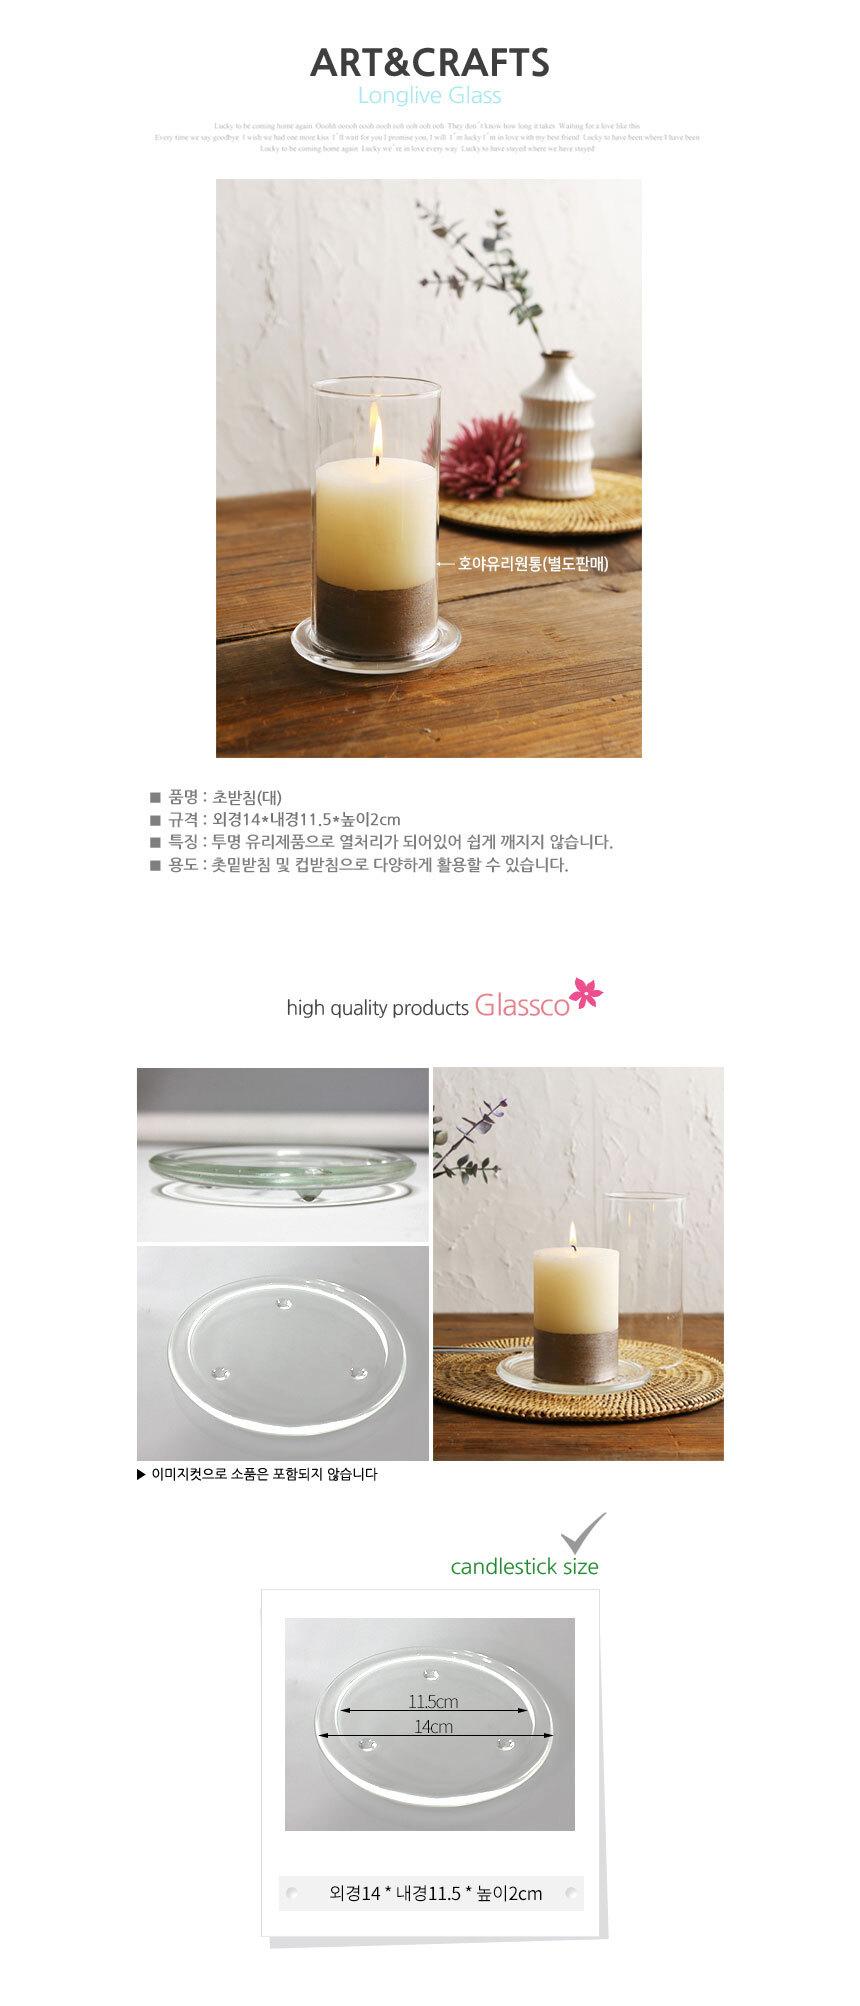 초받침13cm (대) - 글라스코, 3,920원, 캔들, 캔들홀더/소품